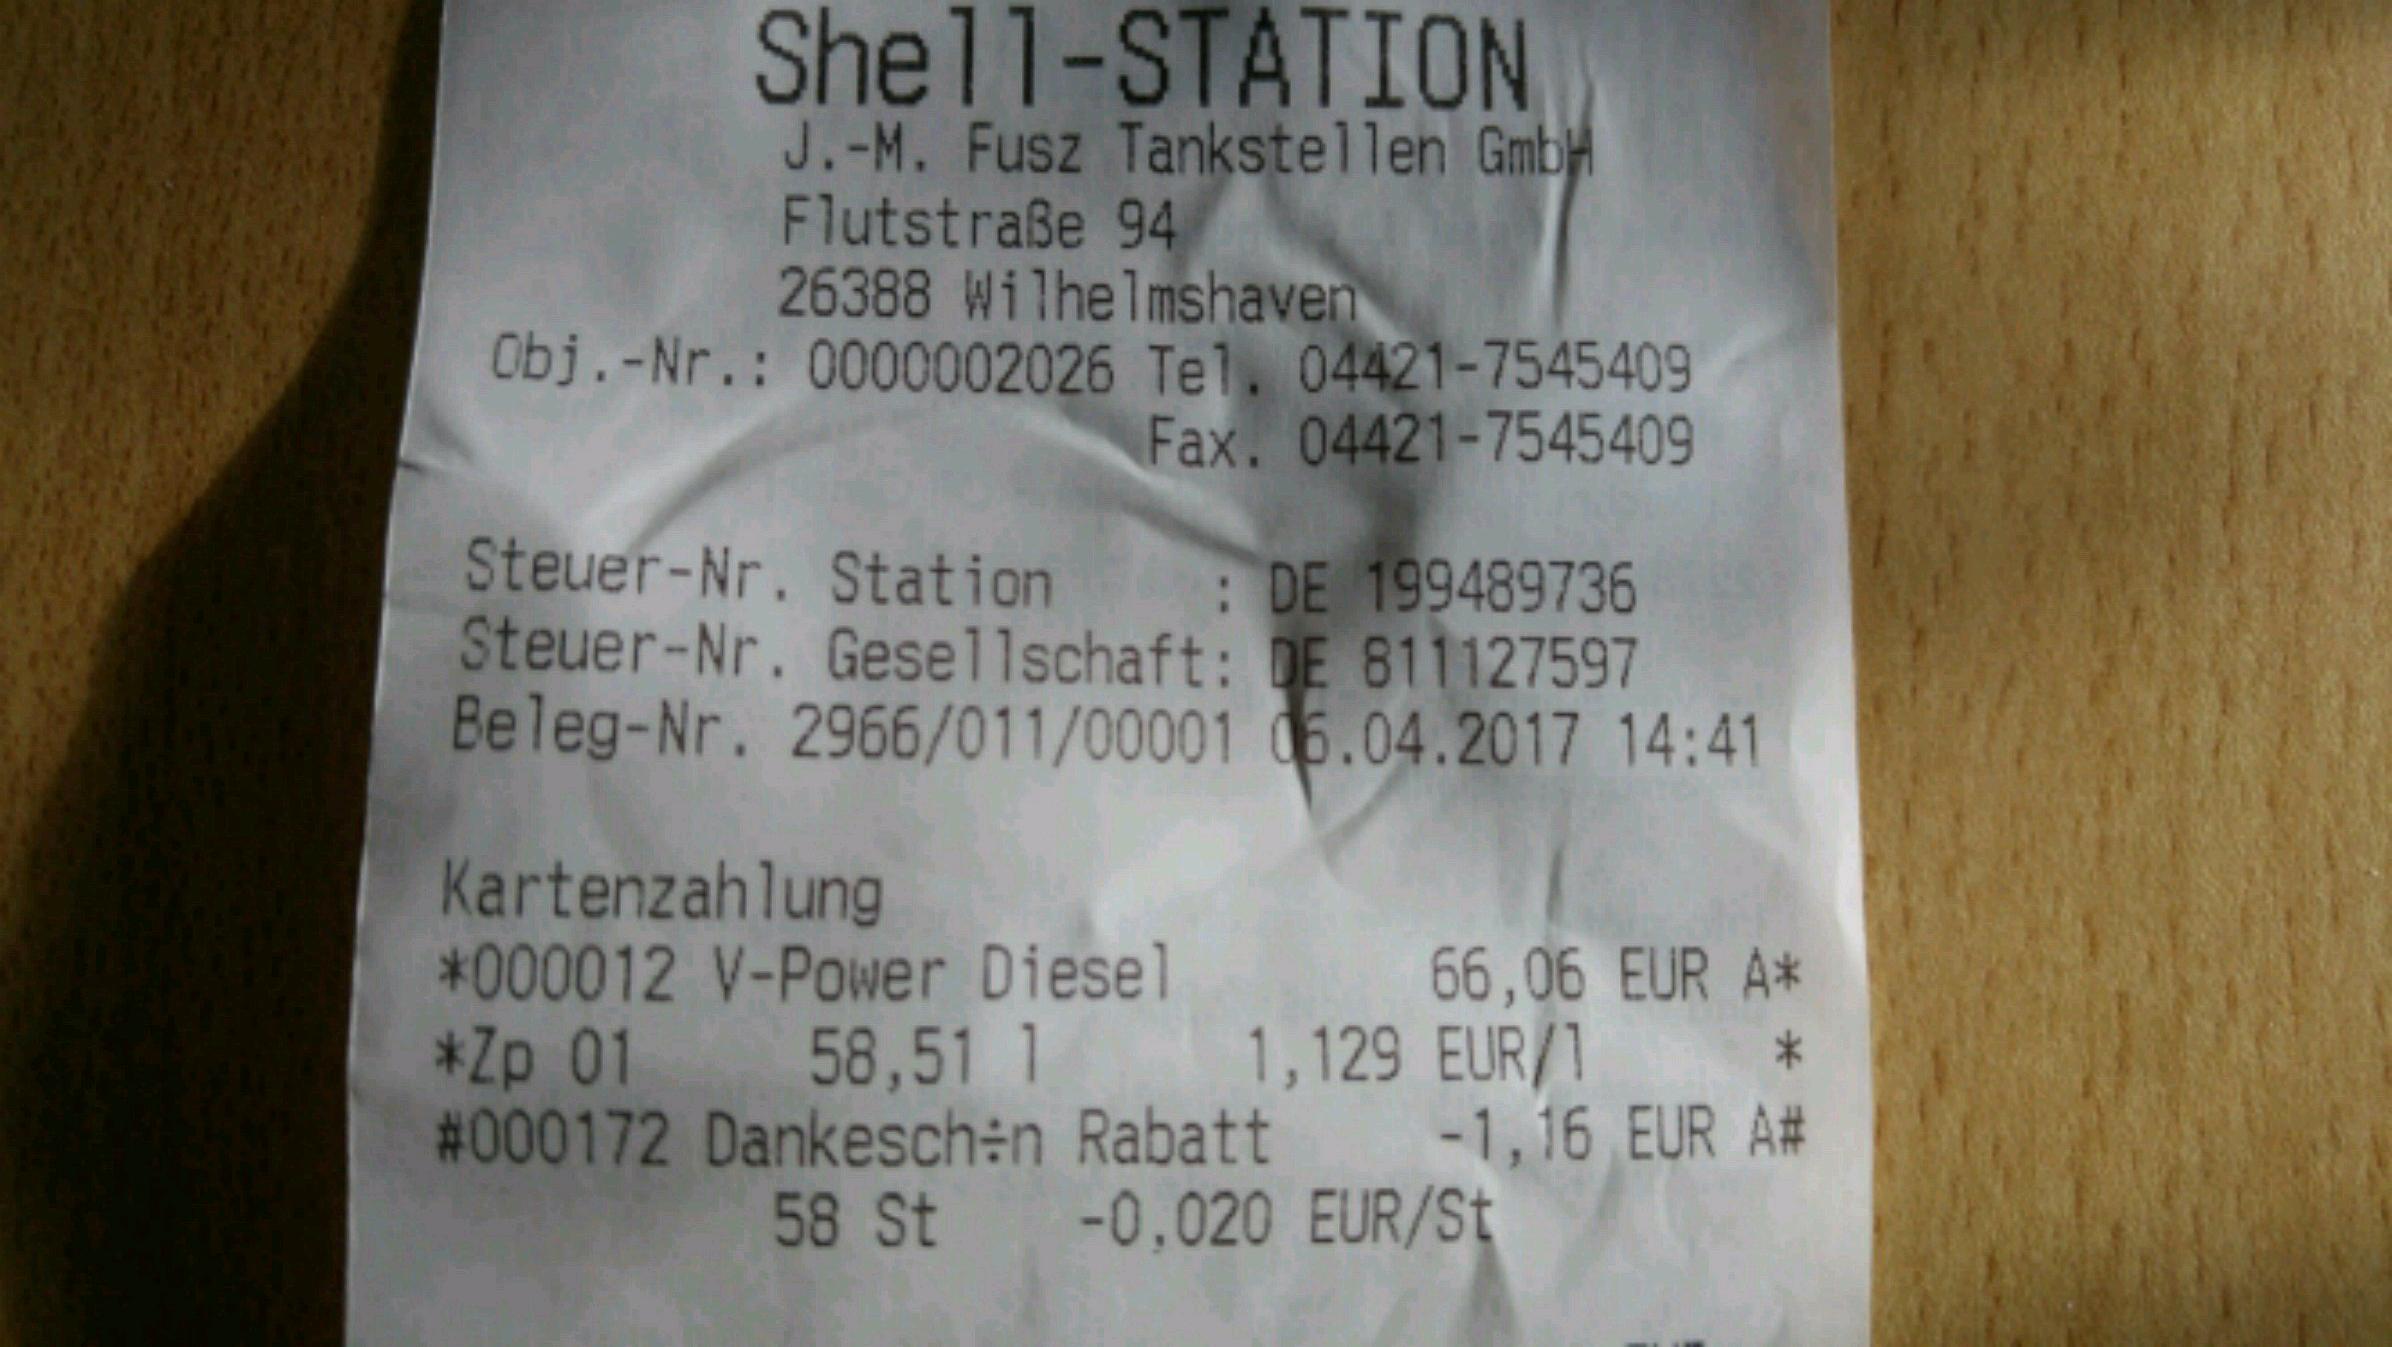 Shell Wilhelmshaven Abverkauf V-Power Diesel und V-Power Racing zum jeweils Normalpreis (21 bzw. 24 Cent/L sparen)